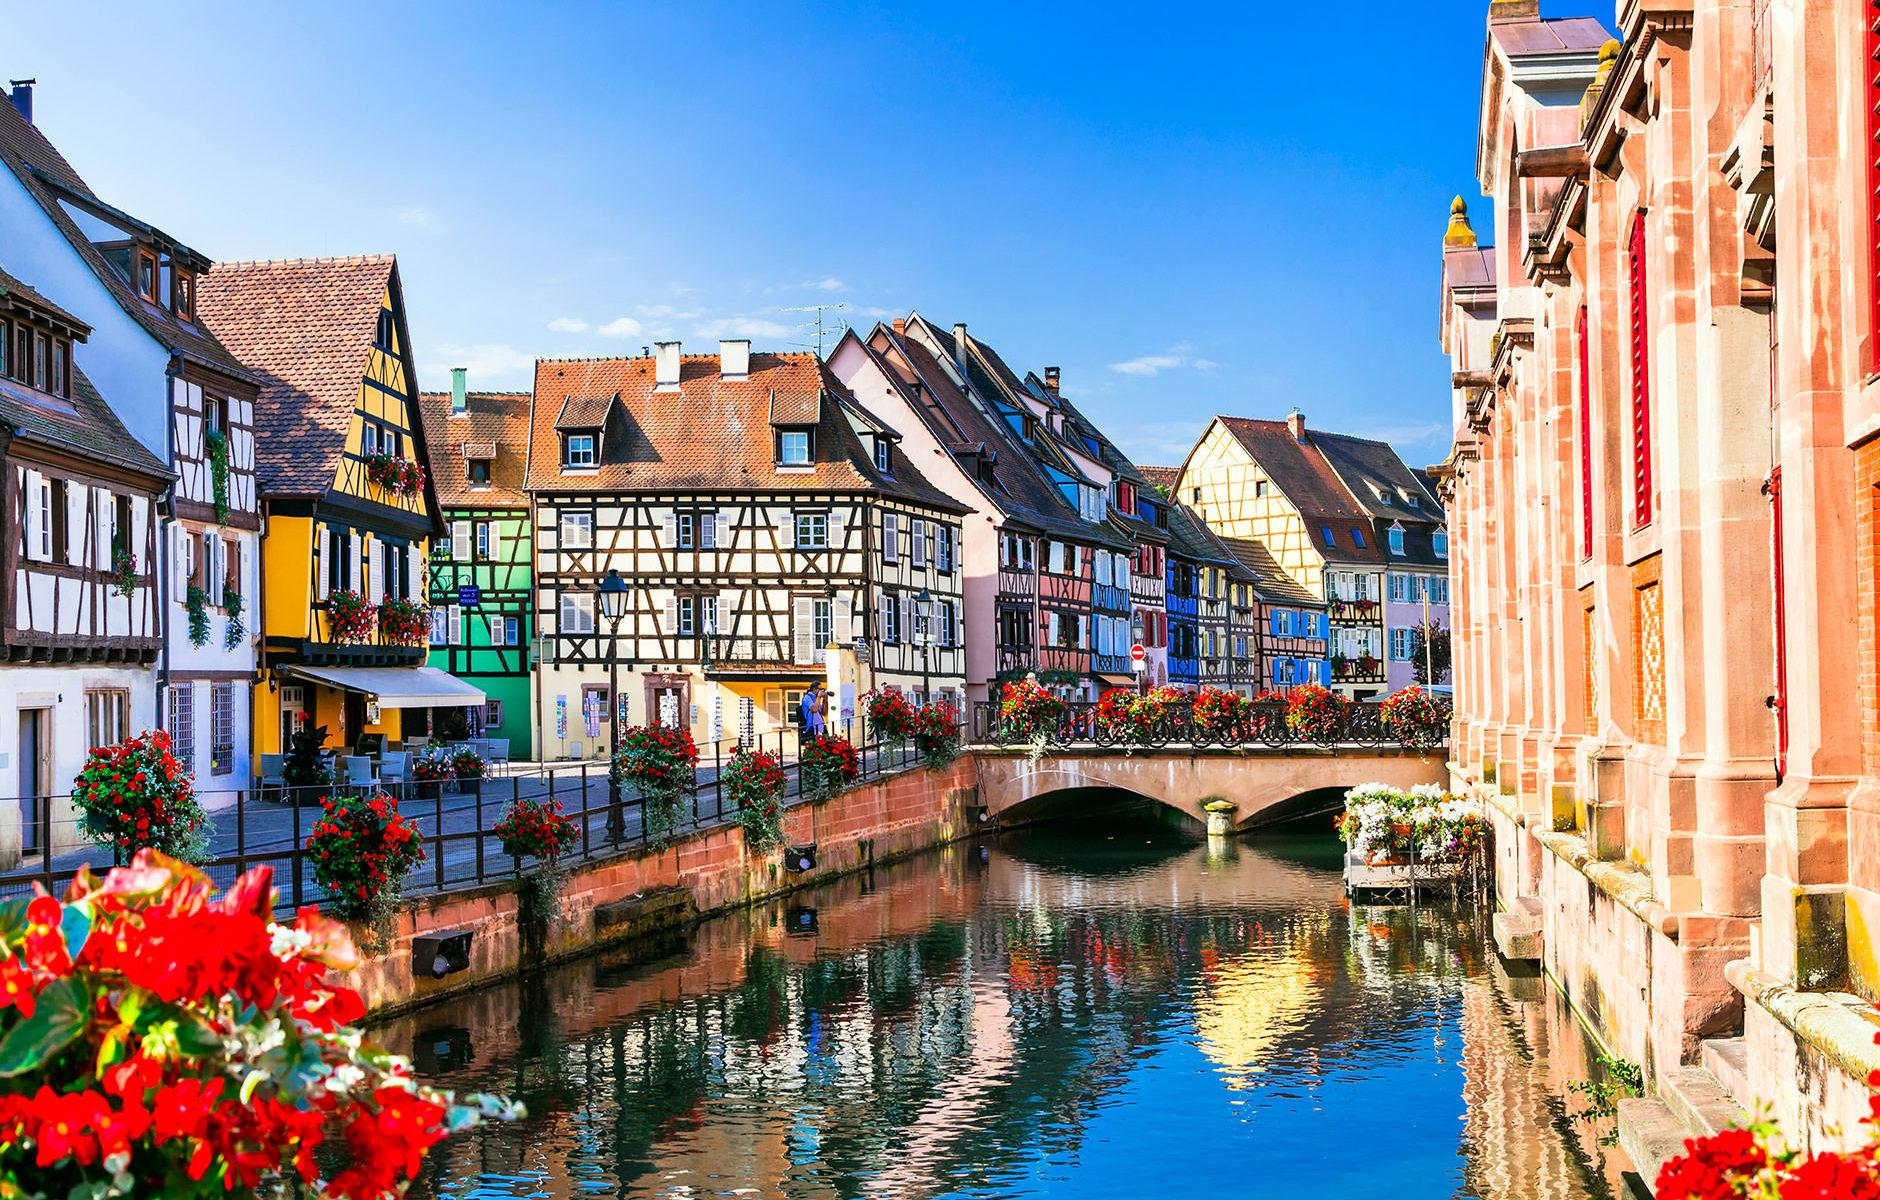 Location de gîte en Alsace